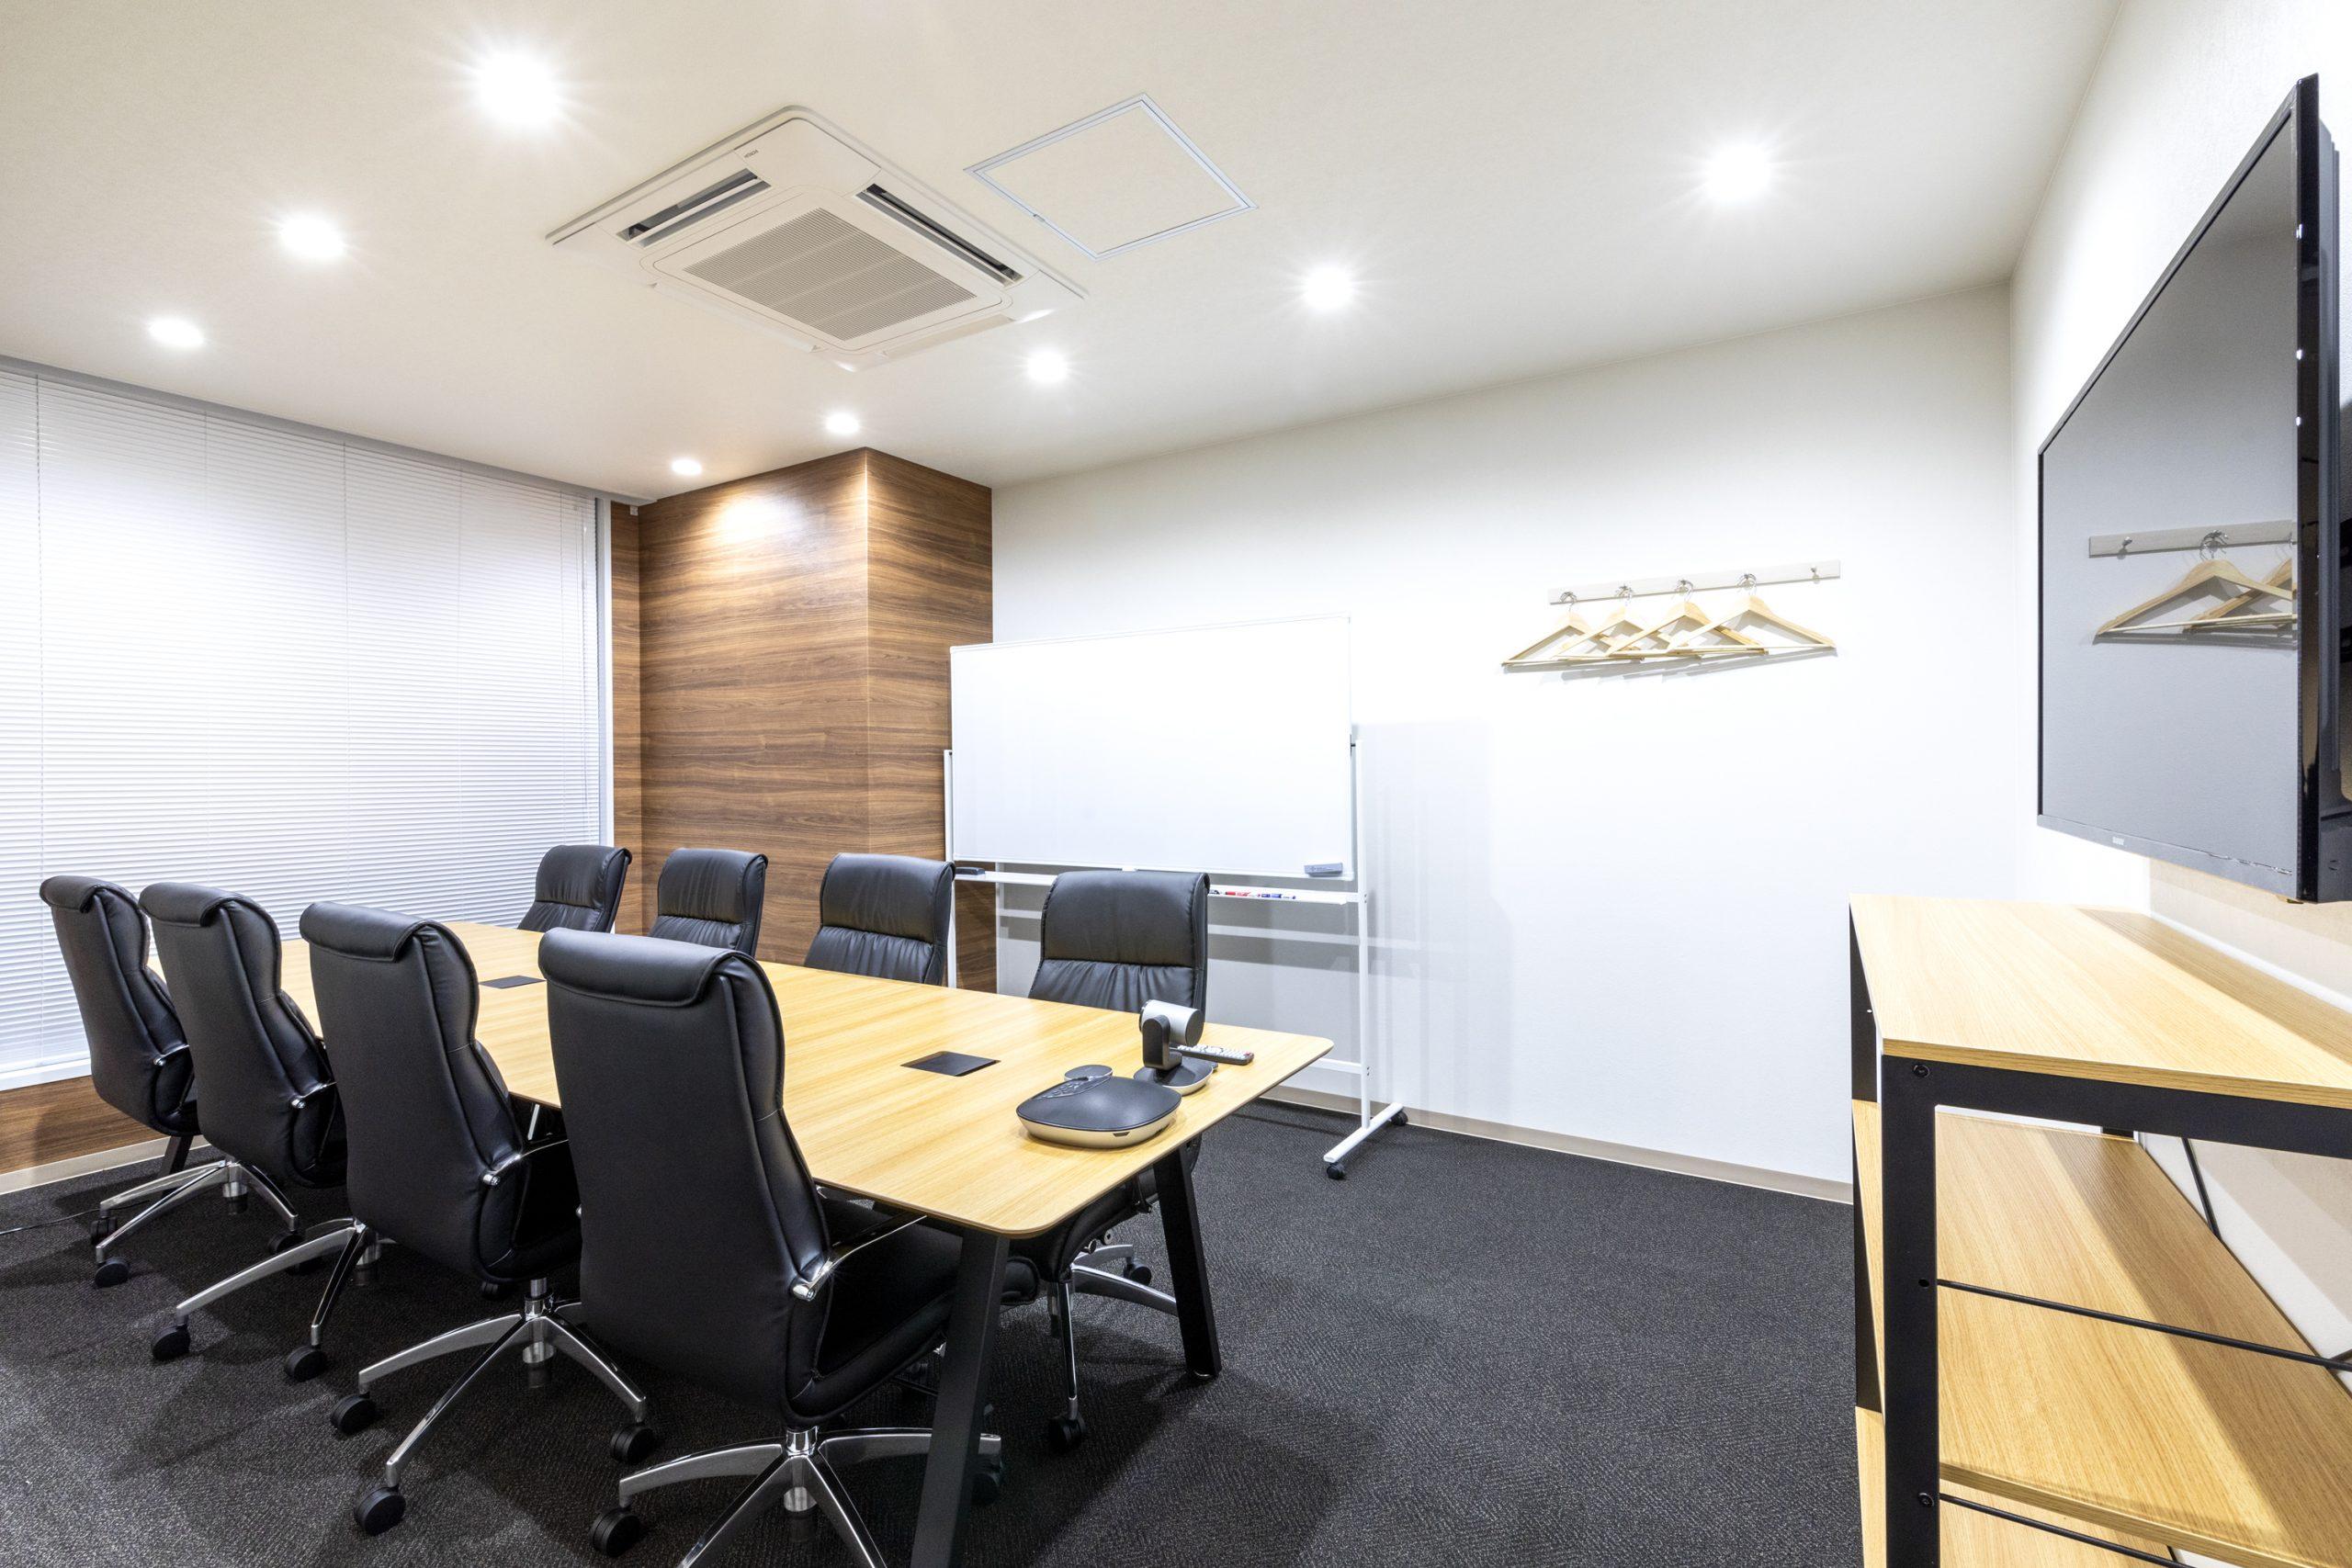 会議室は3室あり予約もWEBから簡単にできます